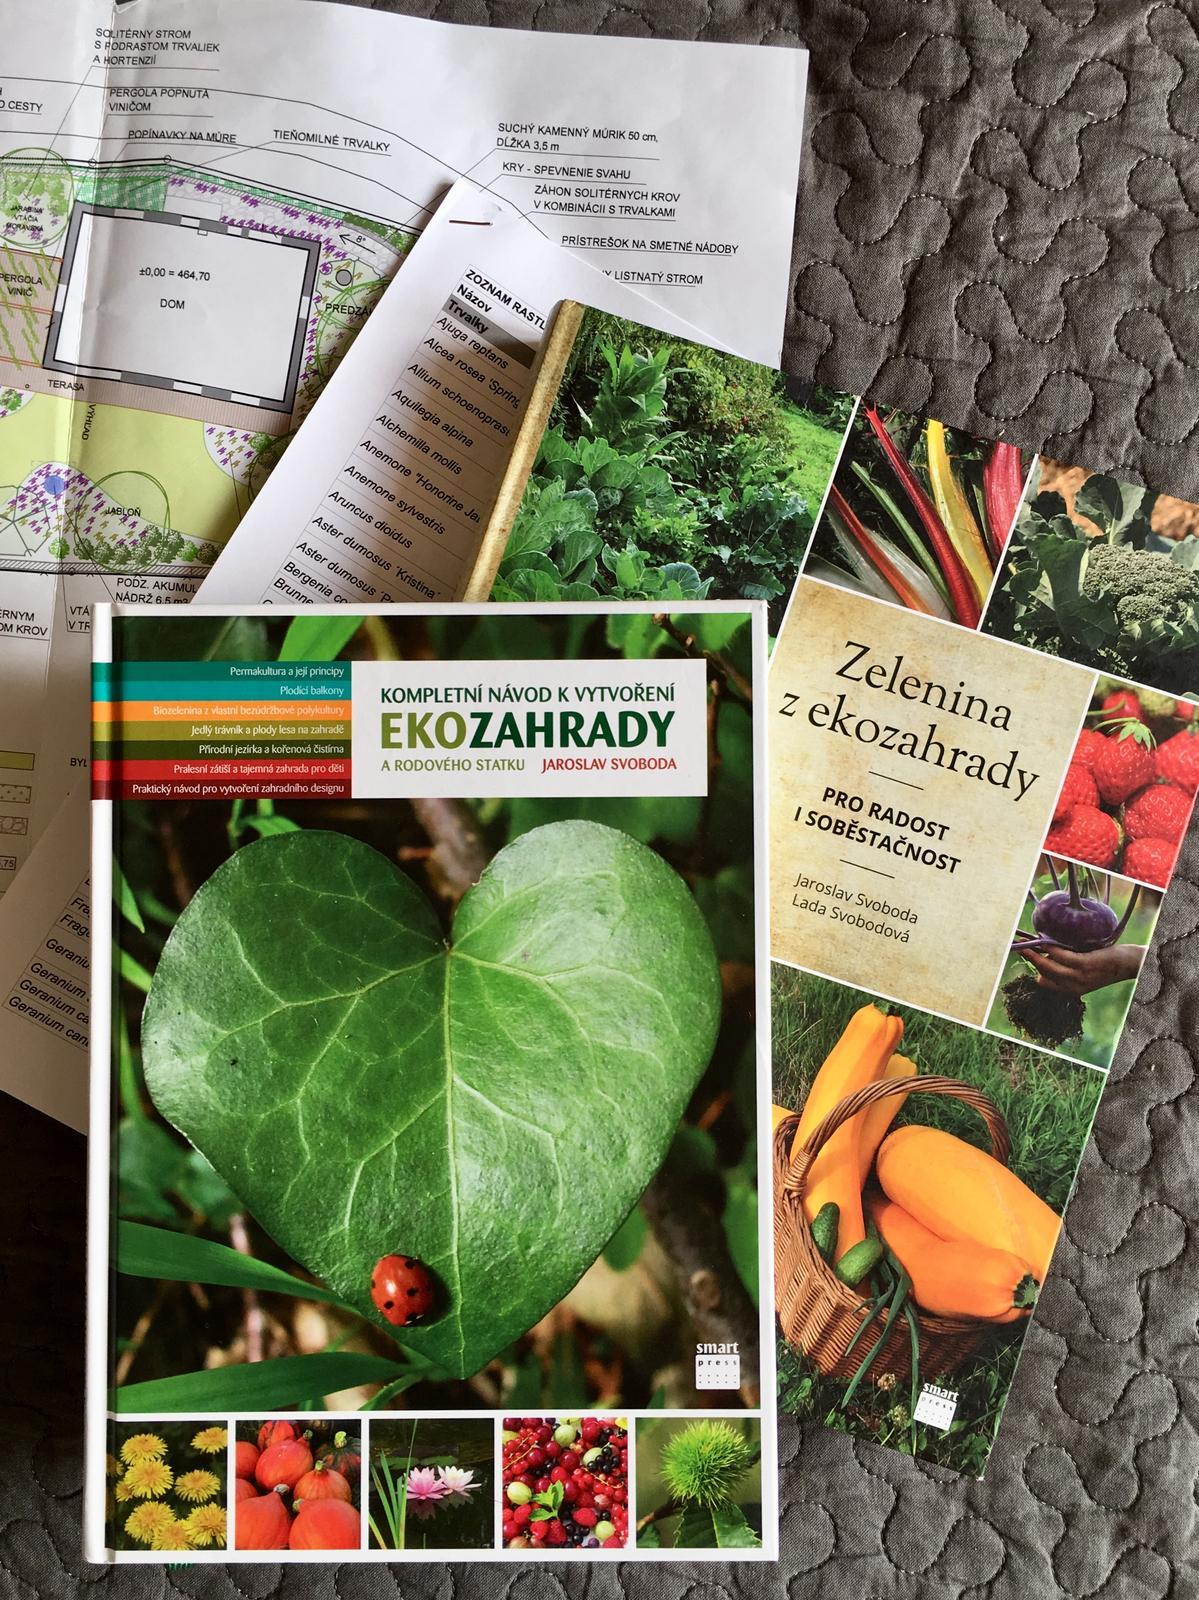 Záhrada v starom sade - Včera som si urobila radosť dvomi knihami o prírodnej záhrade. Po nociach môžem študovať :)